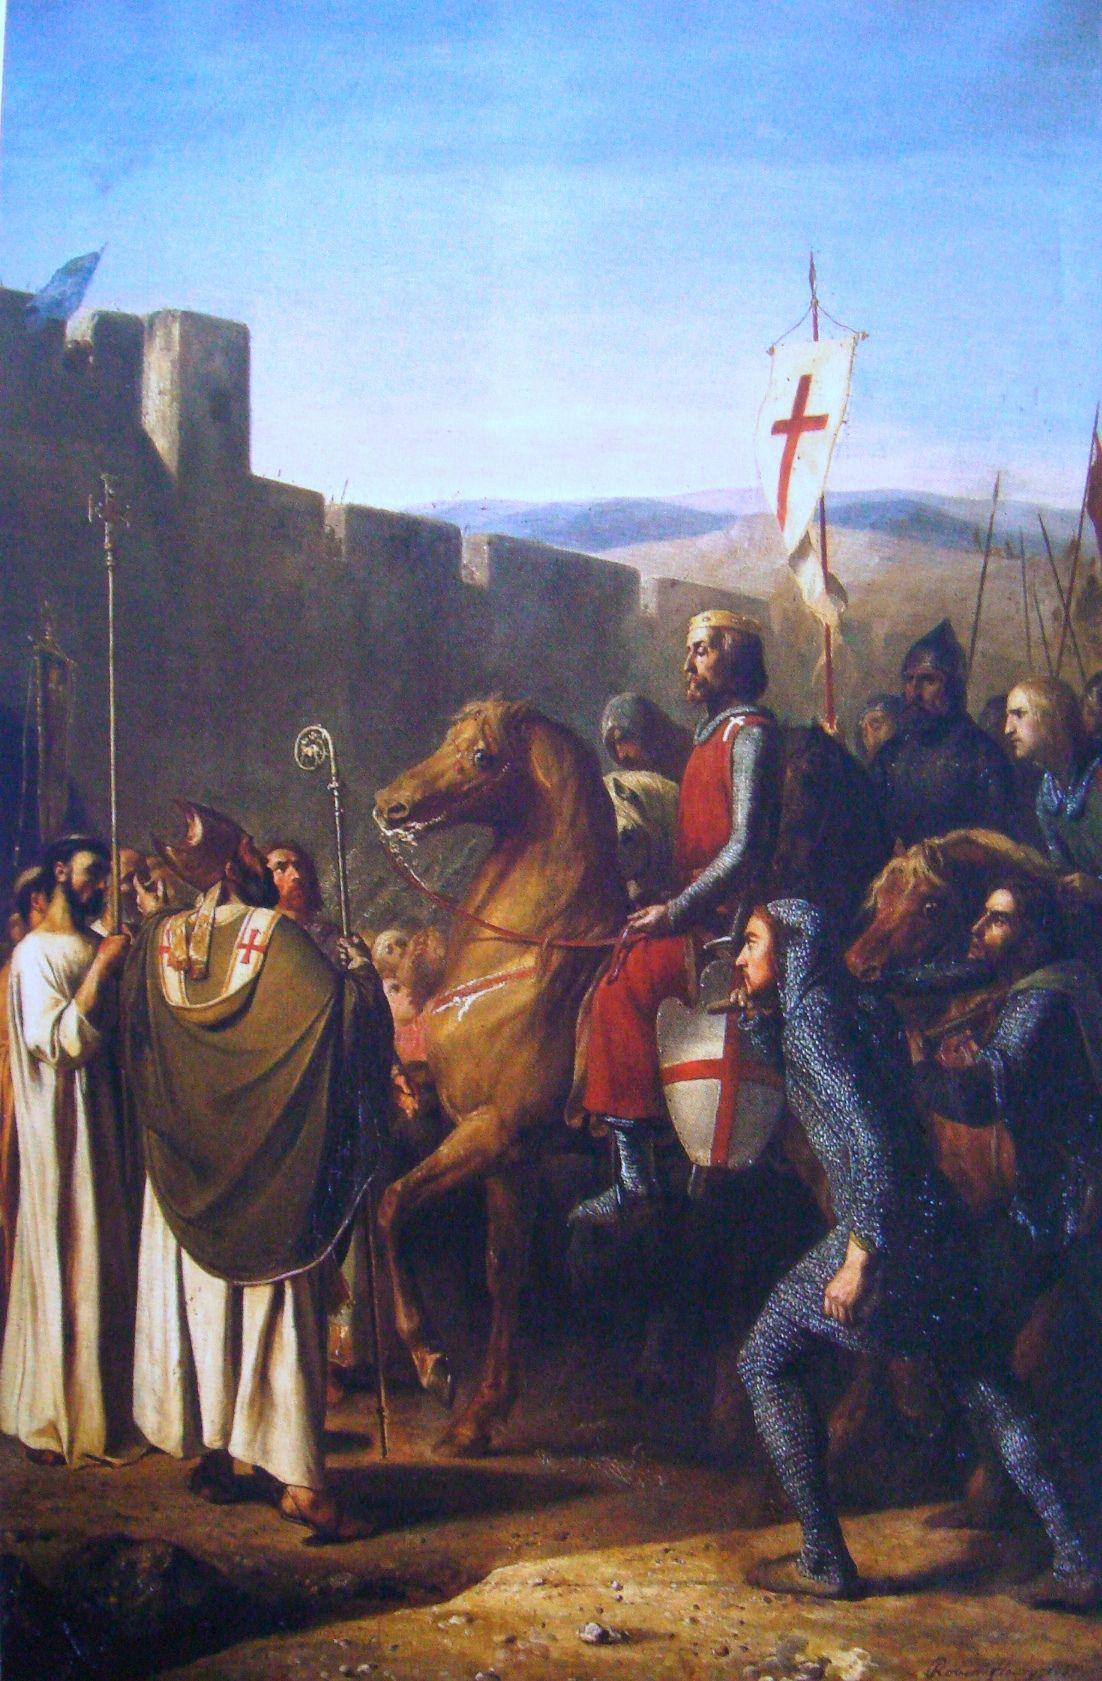 Baldwin z Boulogne był jednym z tych krzyżowców, którzy na krucjacie zrobili interes życia. Zaczynał jako młodszy z synów zwykłego hrabiego, skończył jako król Jerozolimy. Na tym obrazie J.Roberta-Fleury'ego z 1840 roku widzimy wkroczenie Baldwina do Edessy - jego pierwszy sukces na drodze do królewskiej korony (domena publiczna).